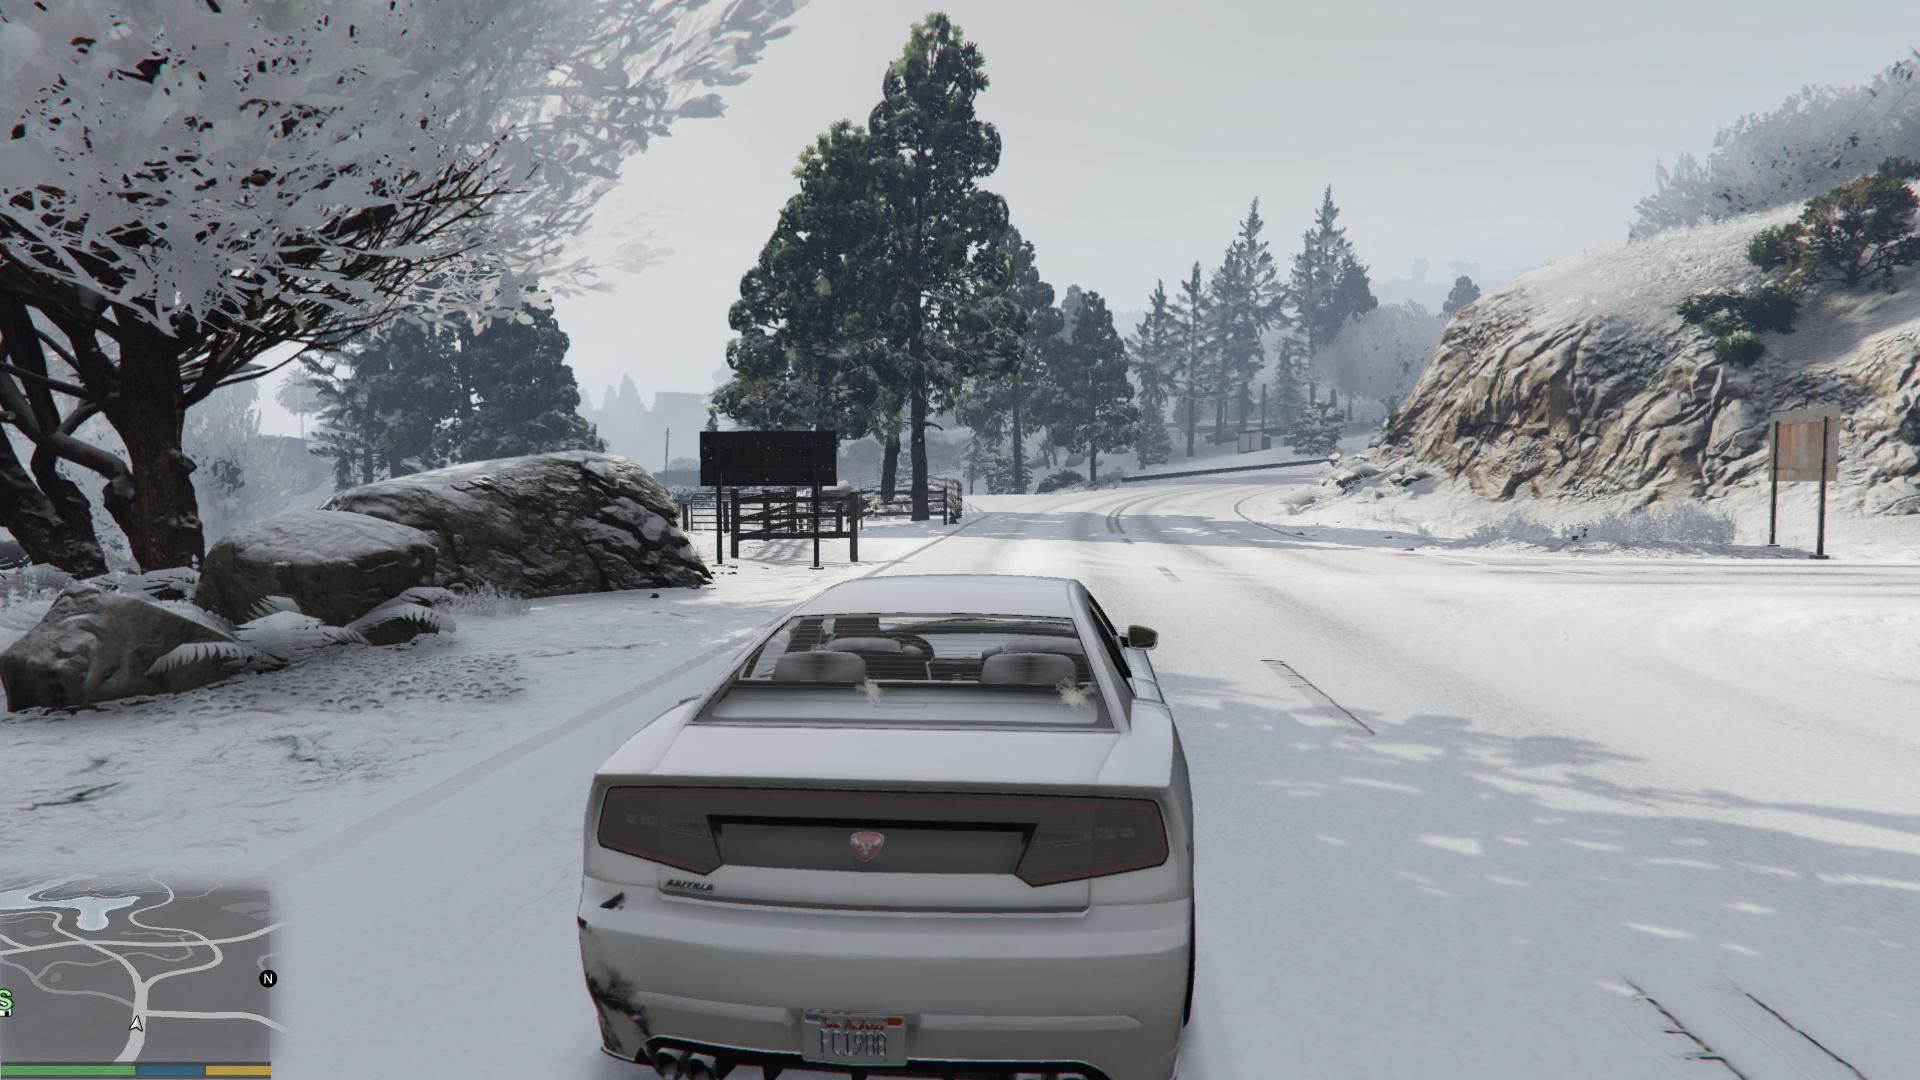 Скачать мод снег для гта 5